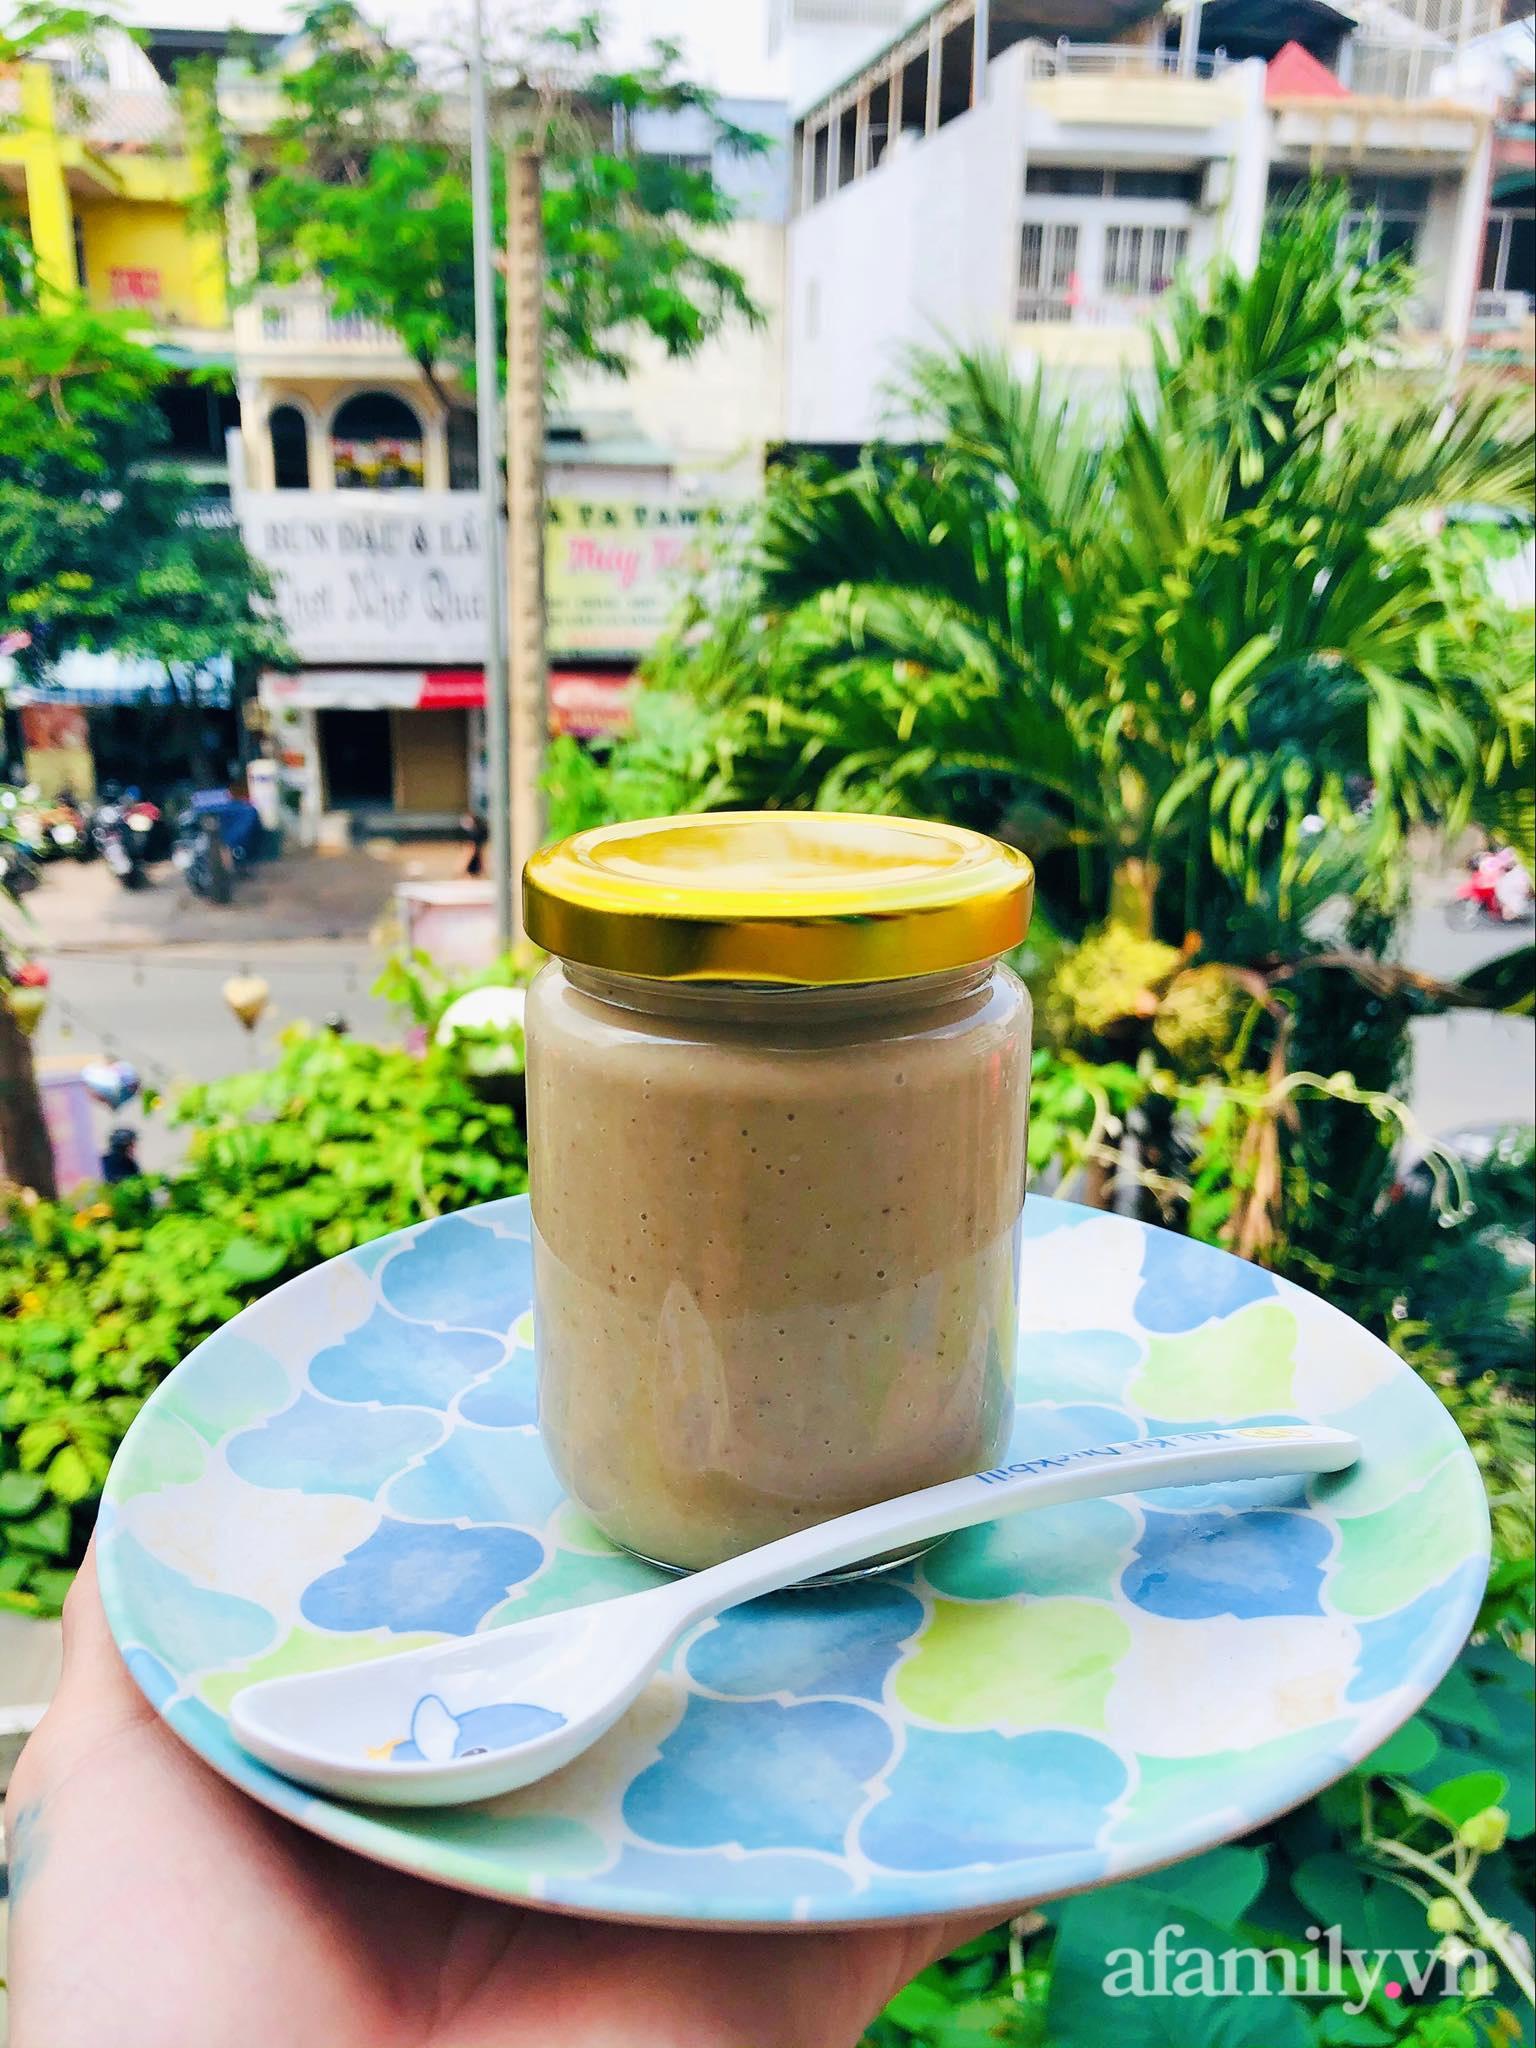 Mẹ đảm Sài Gòn chia sẻ công thức làm hũ dinh dưỡng thay thế bất kỳ bữa ăn nào trong ngày cho con, ngon - bổ - rẻ mà lại siêu tiện lợi - Ảnh 6.